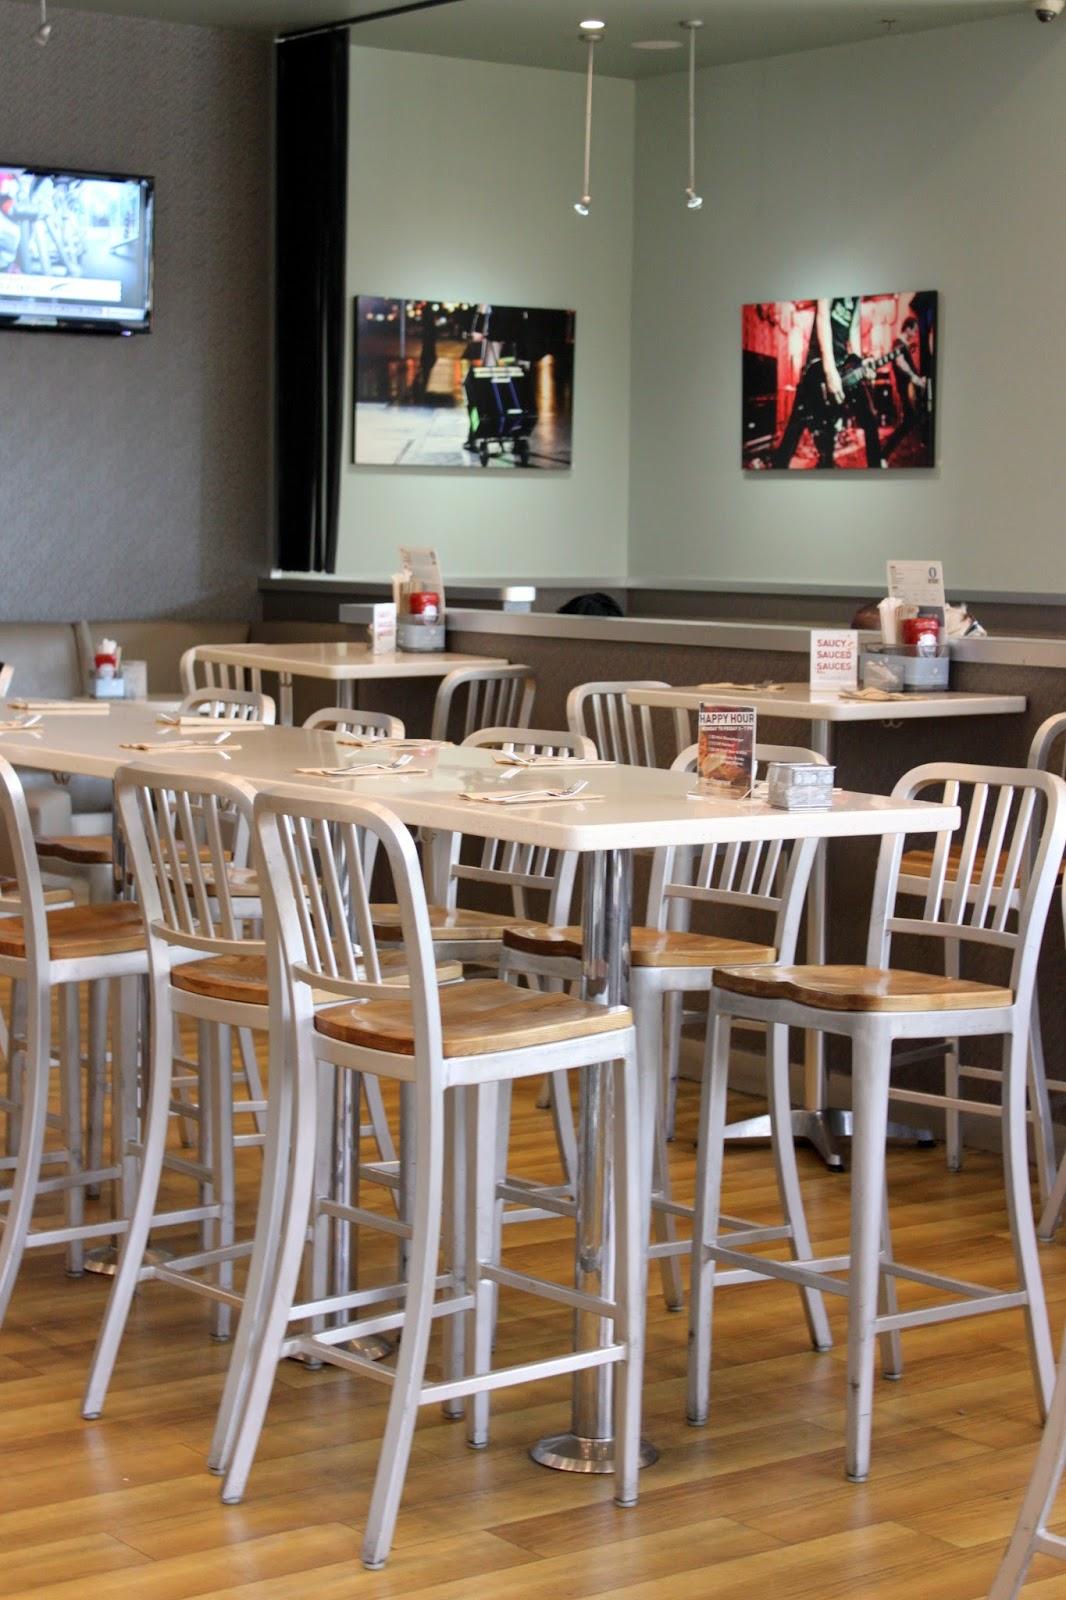 Restaurant Interior - Point of Interest